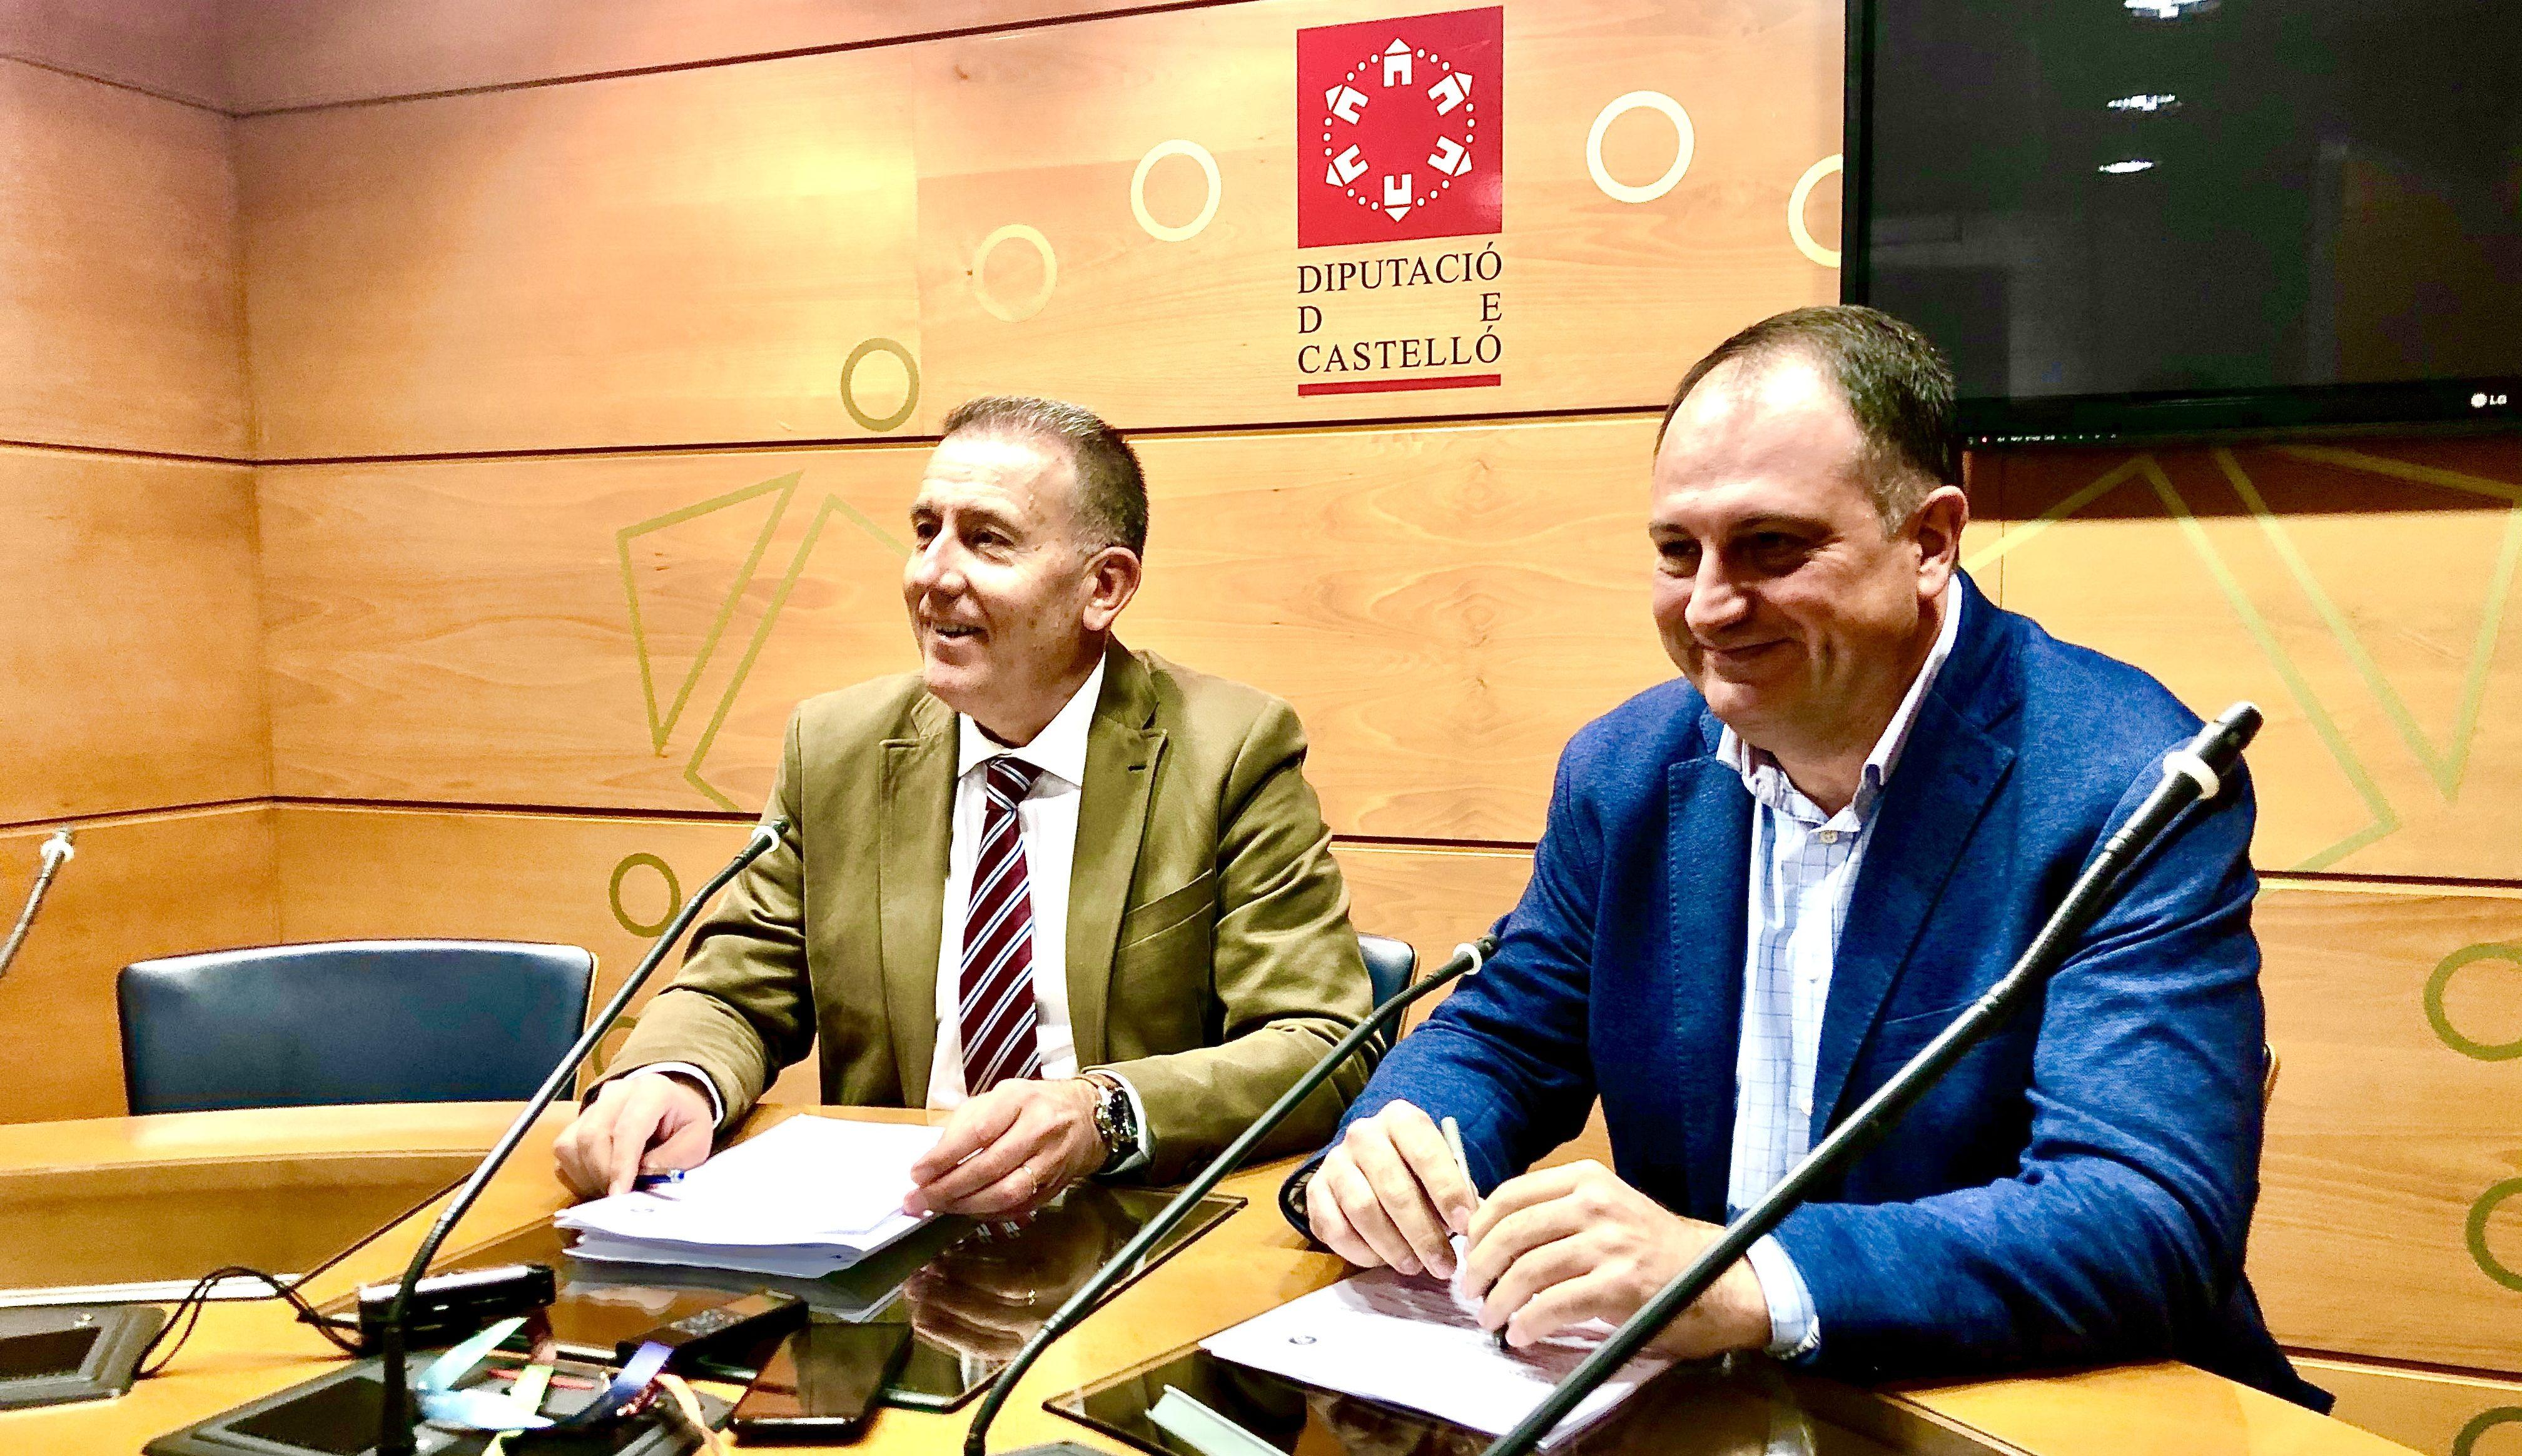 Vicent Sales i María Ángeles Pallarés seran el portaveu i la portaveu adjunta del PP en la Diputació